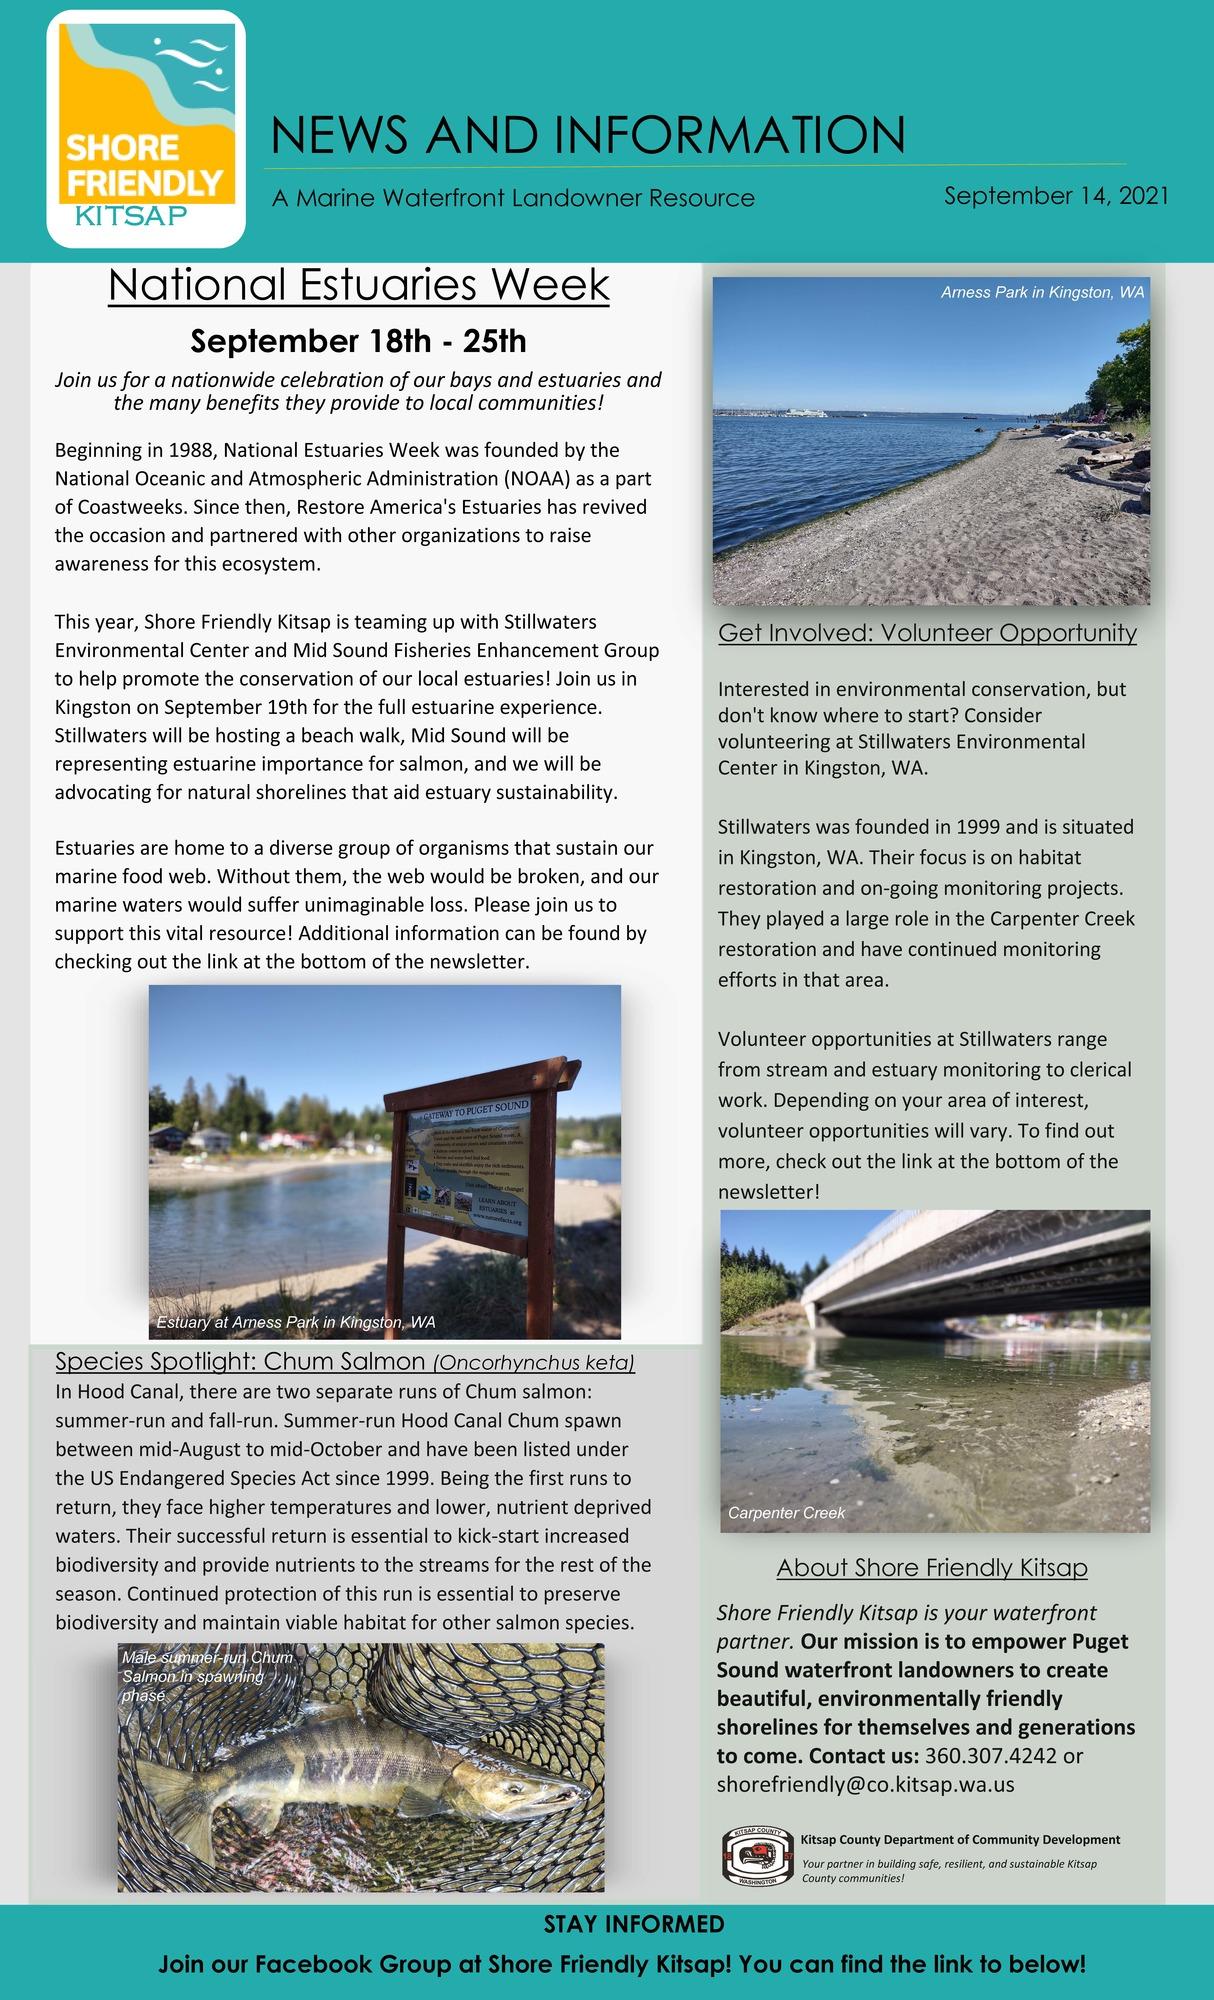 September 2021 Shore Friendly Kitsap Newsletter